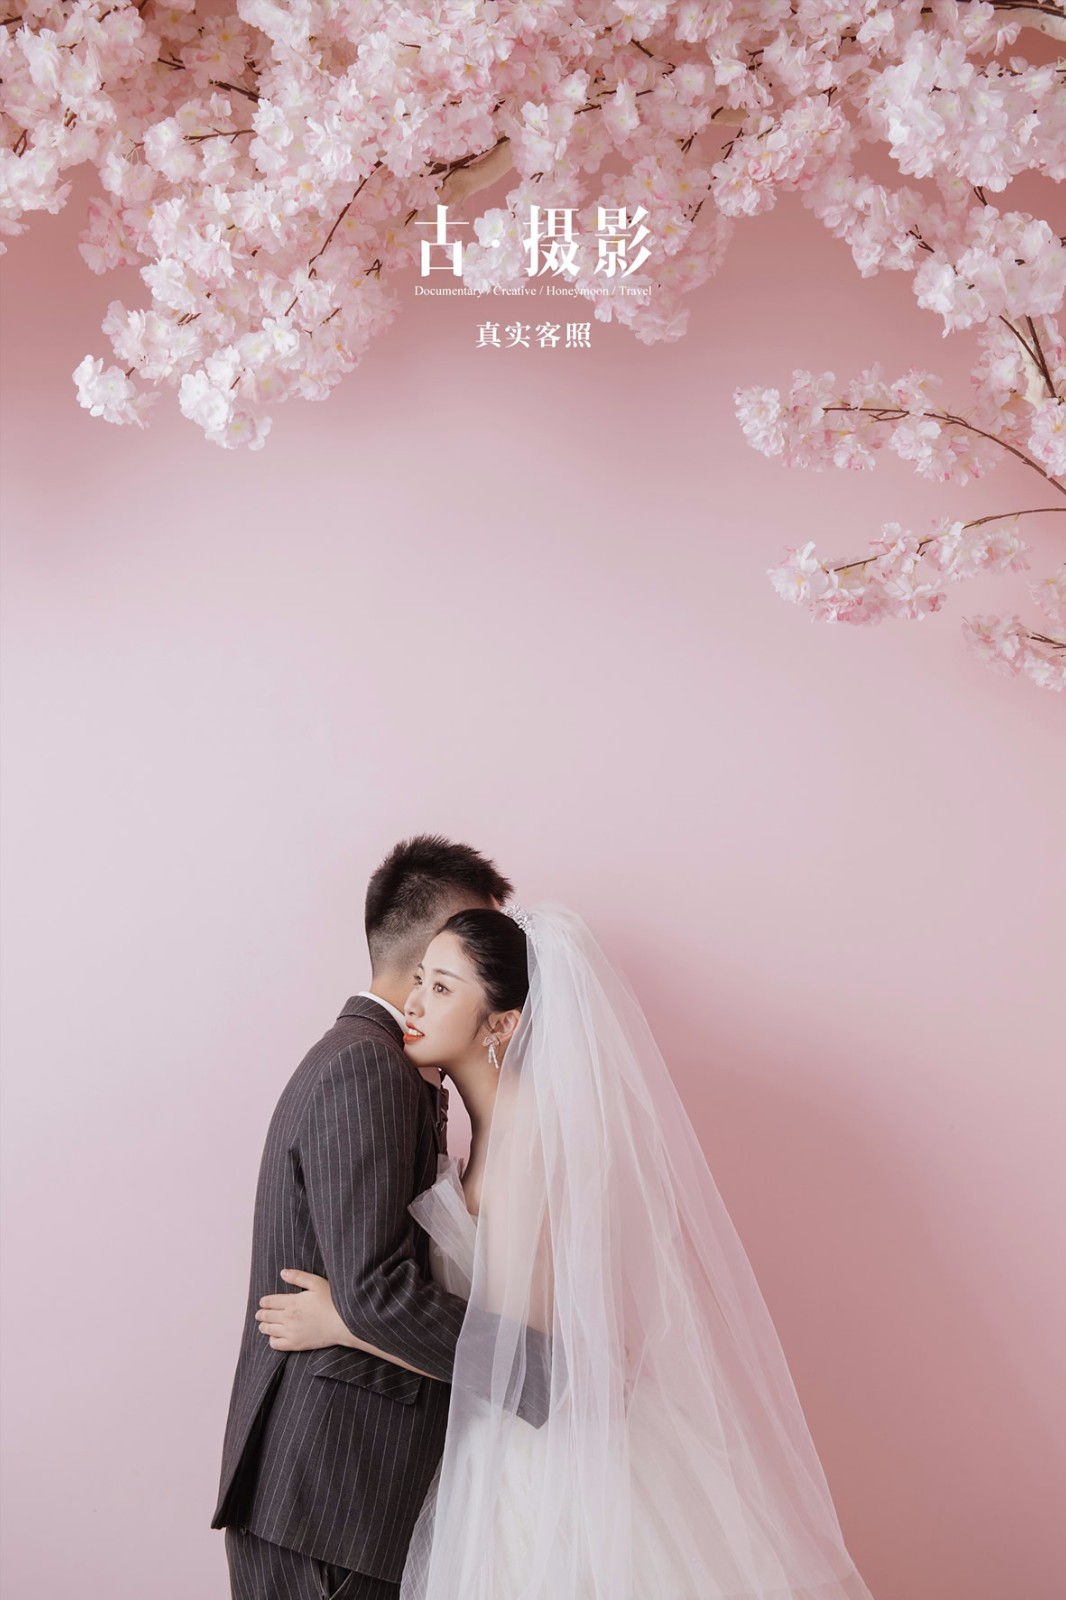 赖先生 张小姐 - 每日客照 - 古摄影婚纱艺术-古摄影成都婚纱摄影艺术摄影网